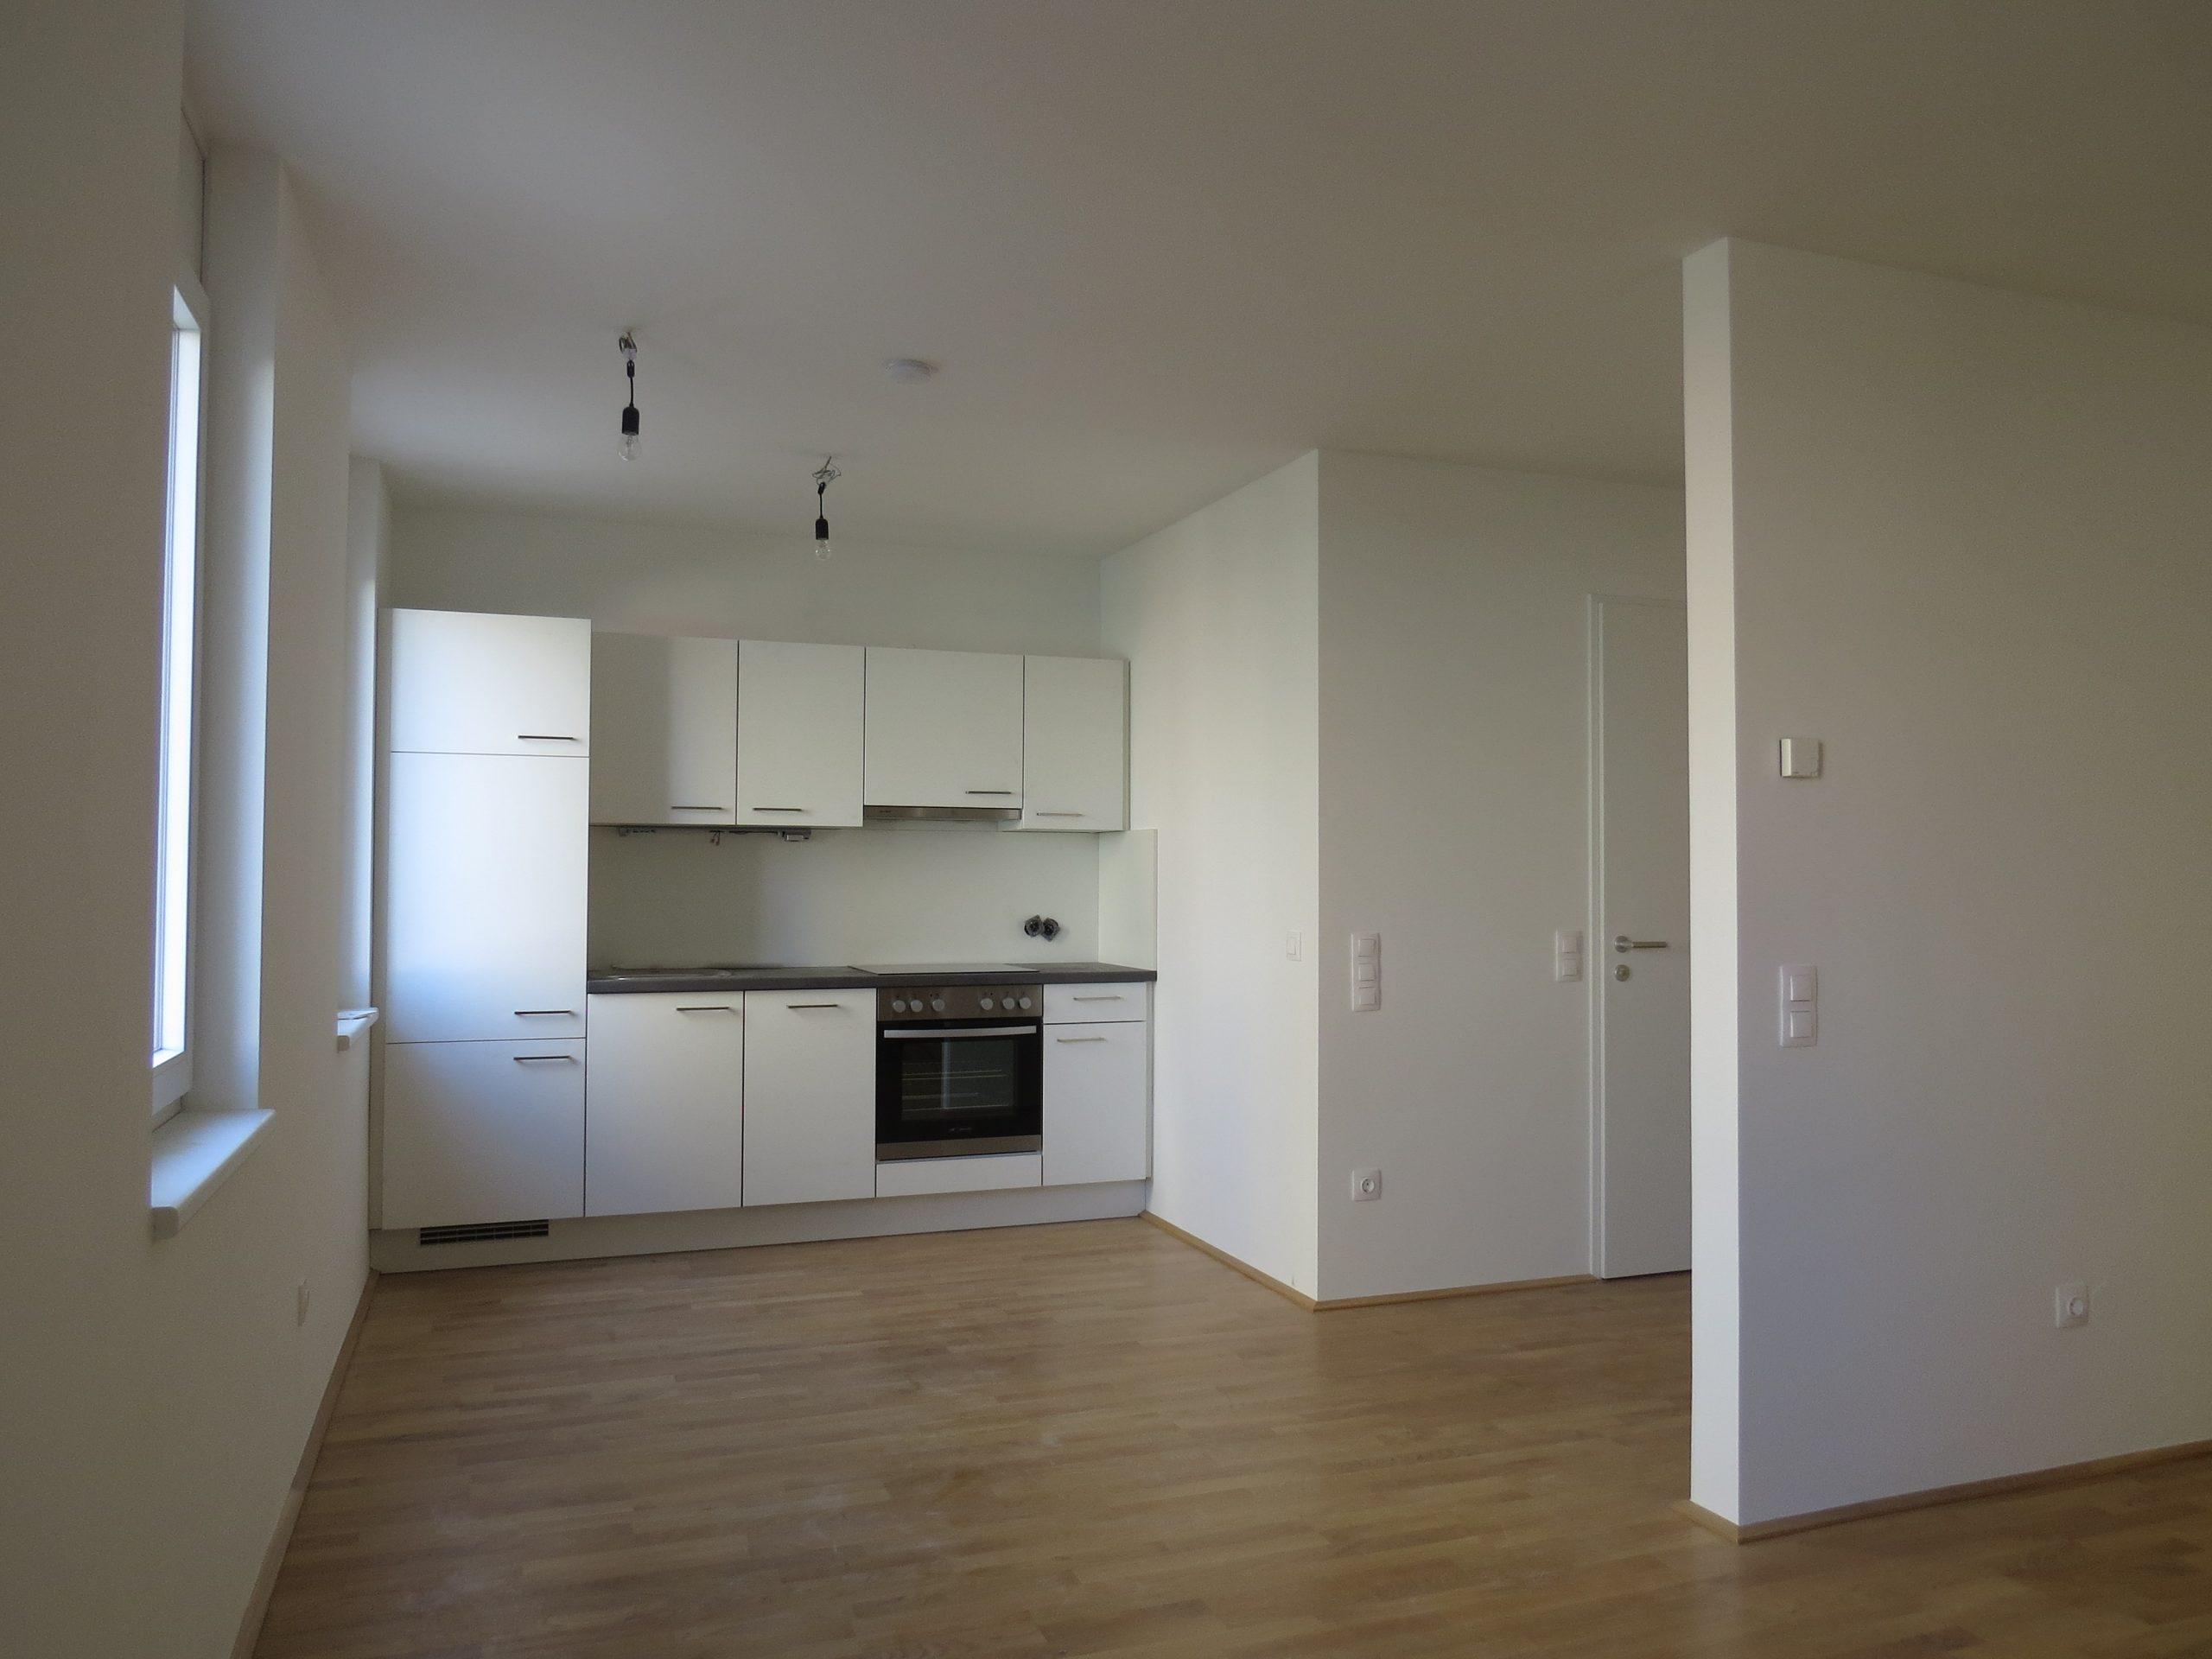 Provisionsfrei: 8055 Puntigam: Erstbezug: 3 Zimmer-Eigentumswohnung mit Balkon und Garagenstellplatz